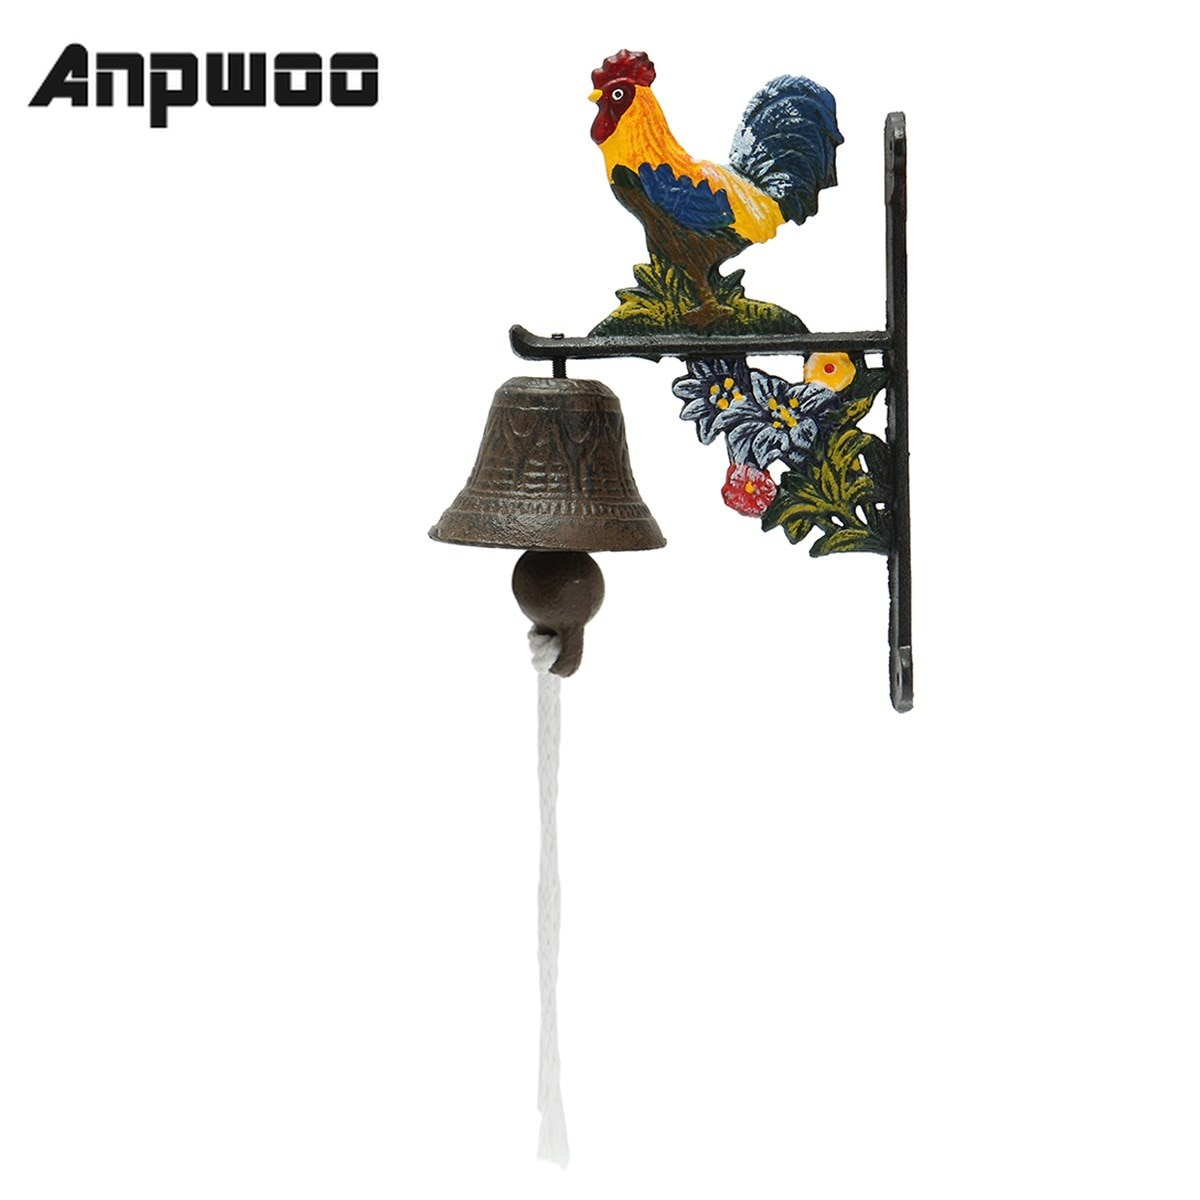 Anpوو-جرس باب معدني عتيق الطراز ، الديك ، ديكور حديقة المنزل ، التحكم في الوصول